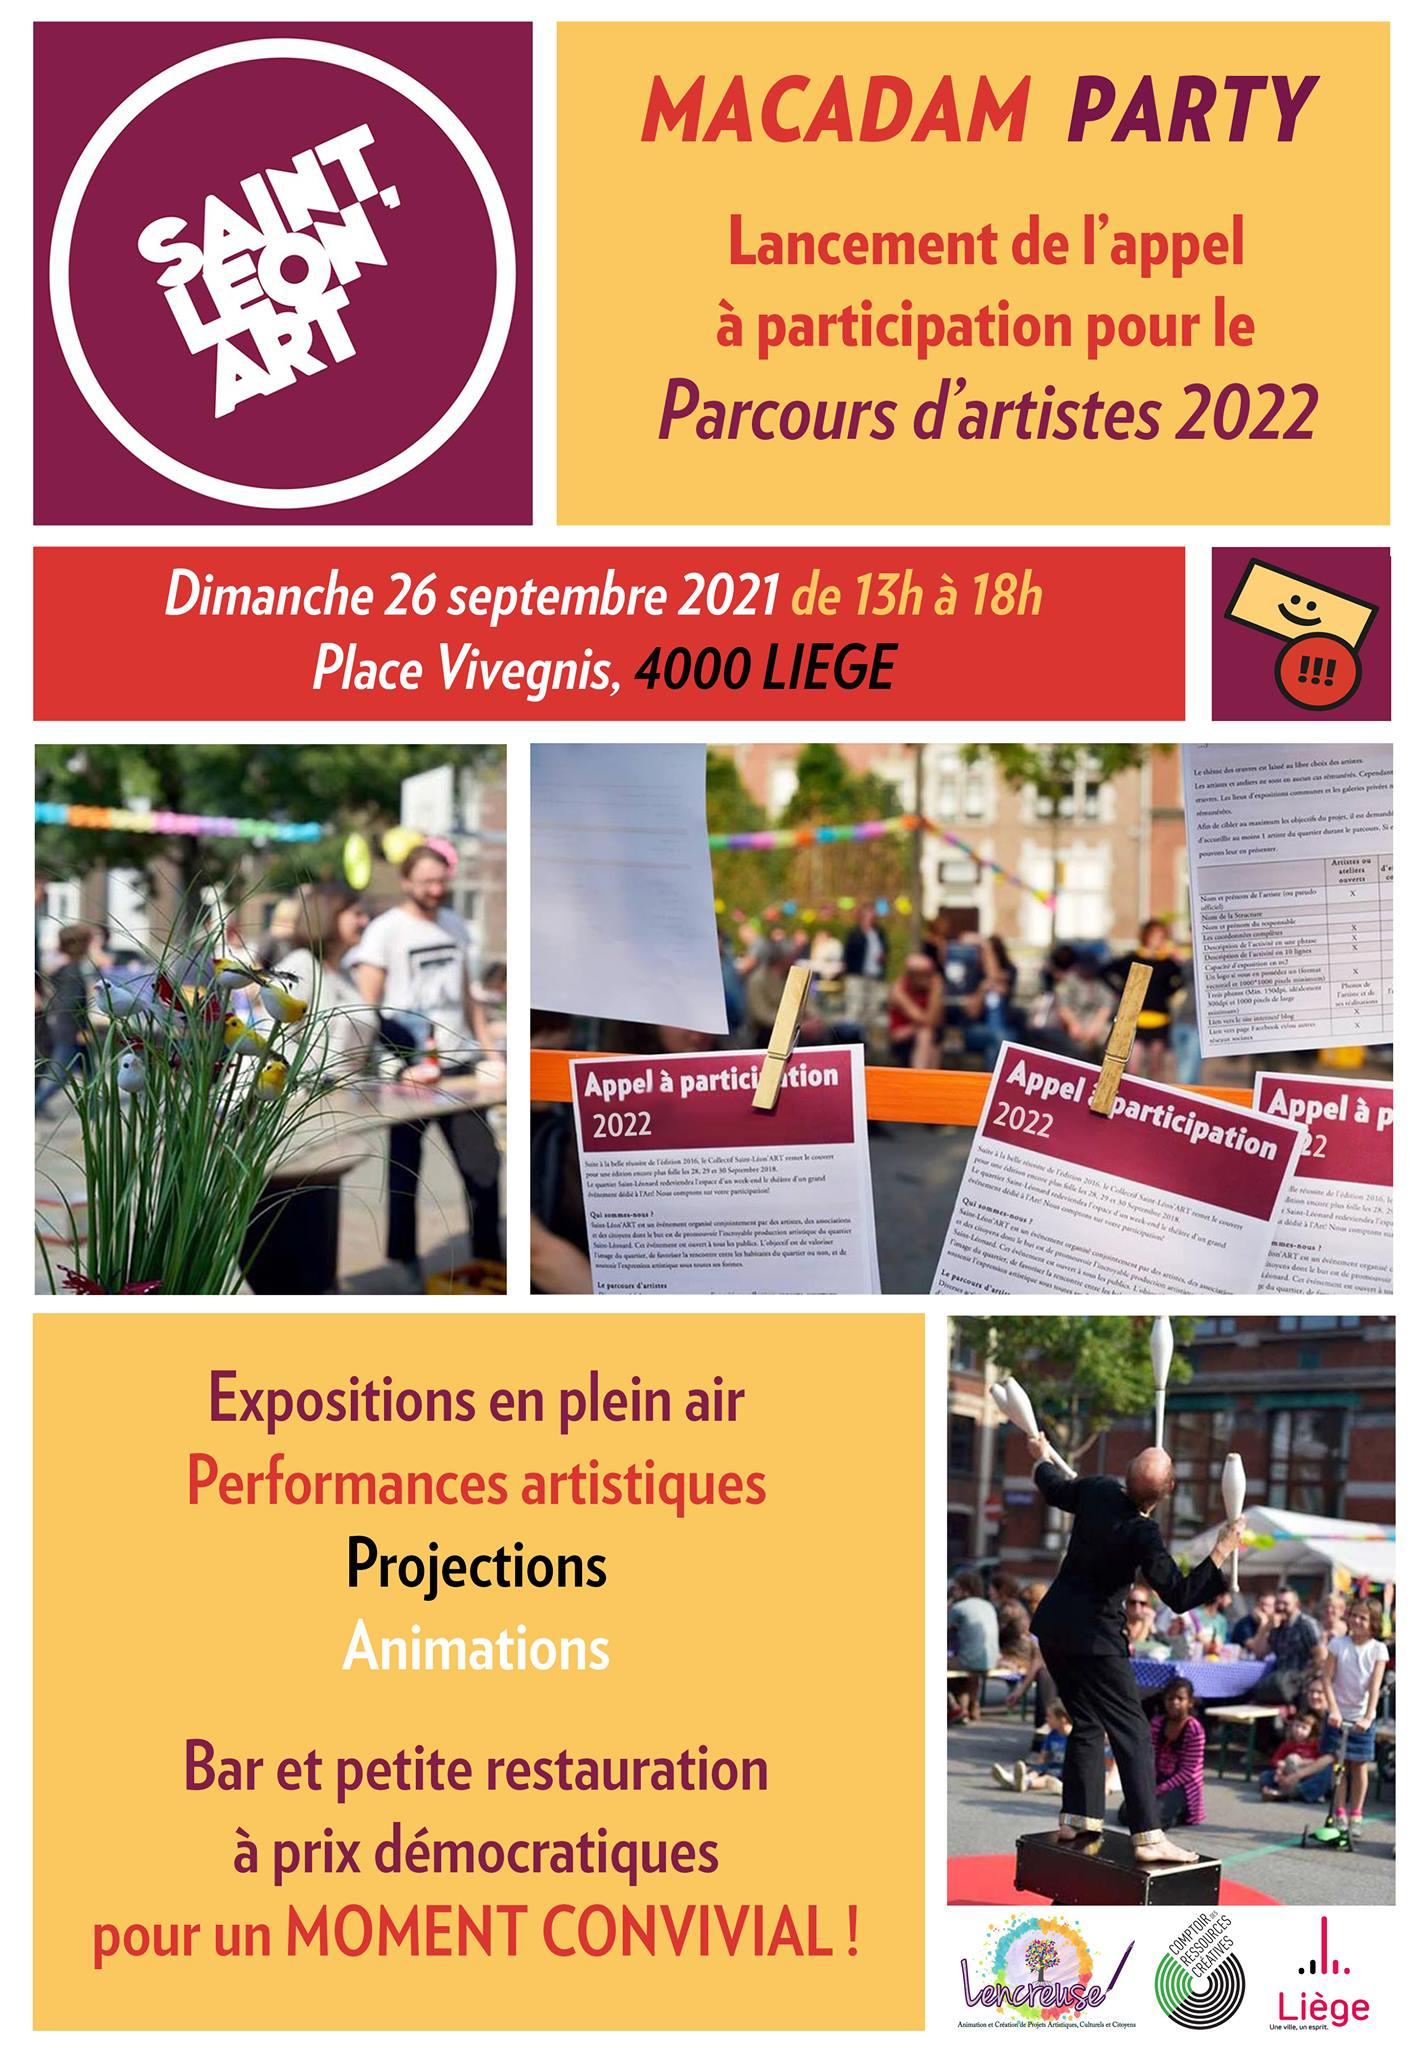 Macadam Party & Lancement de l'appel à candidatures 2022